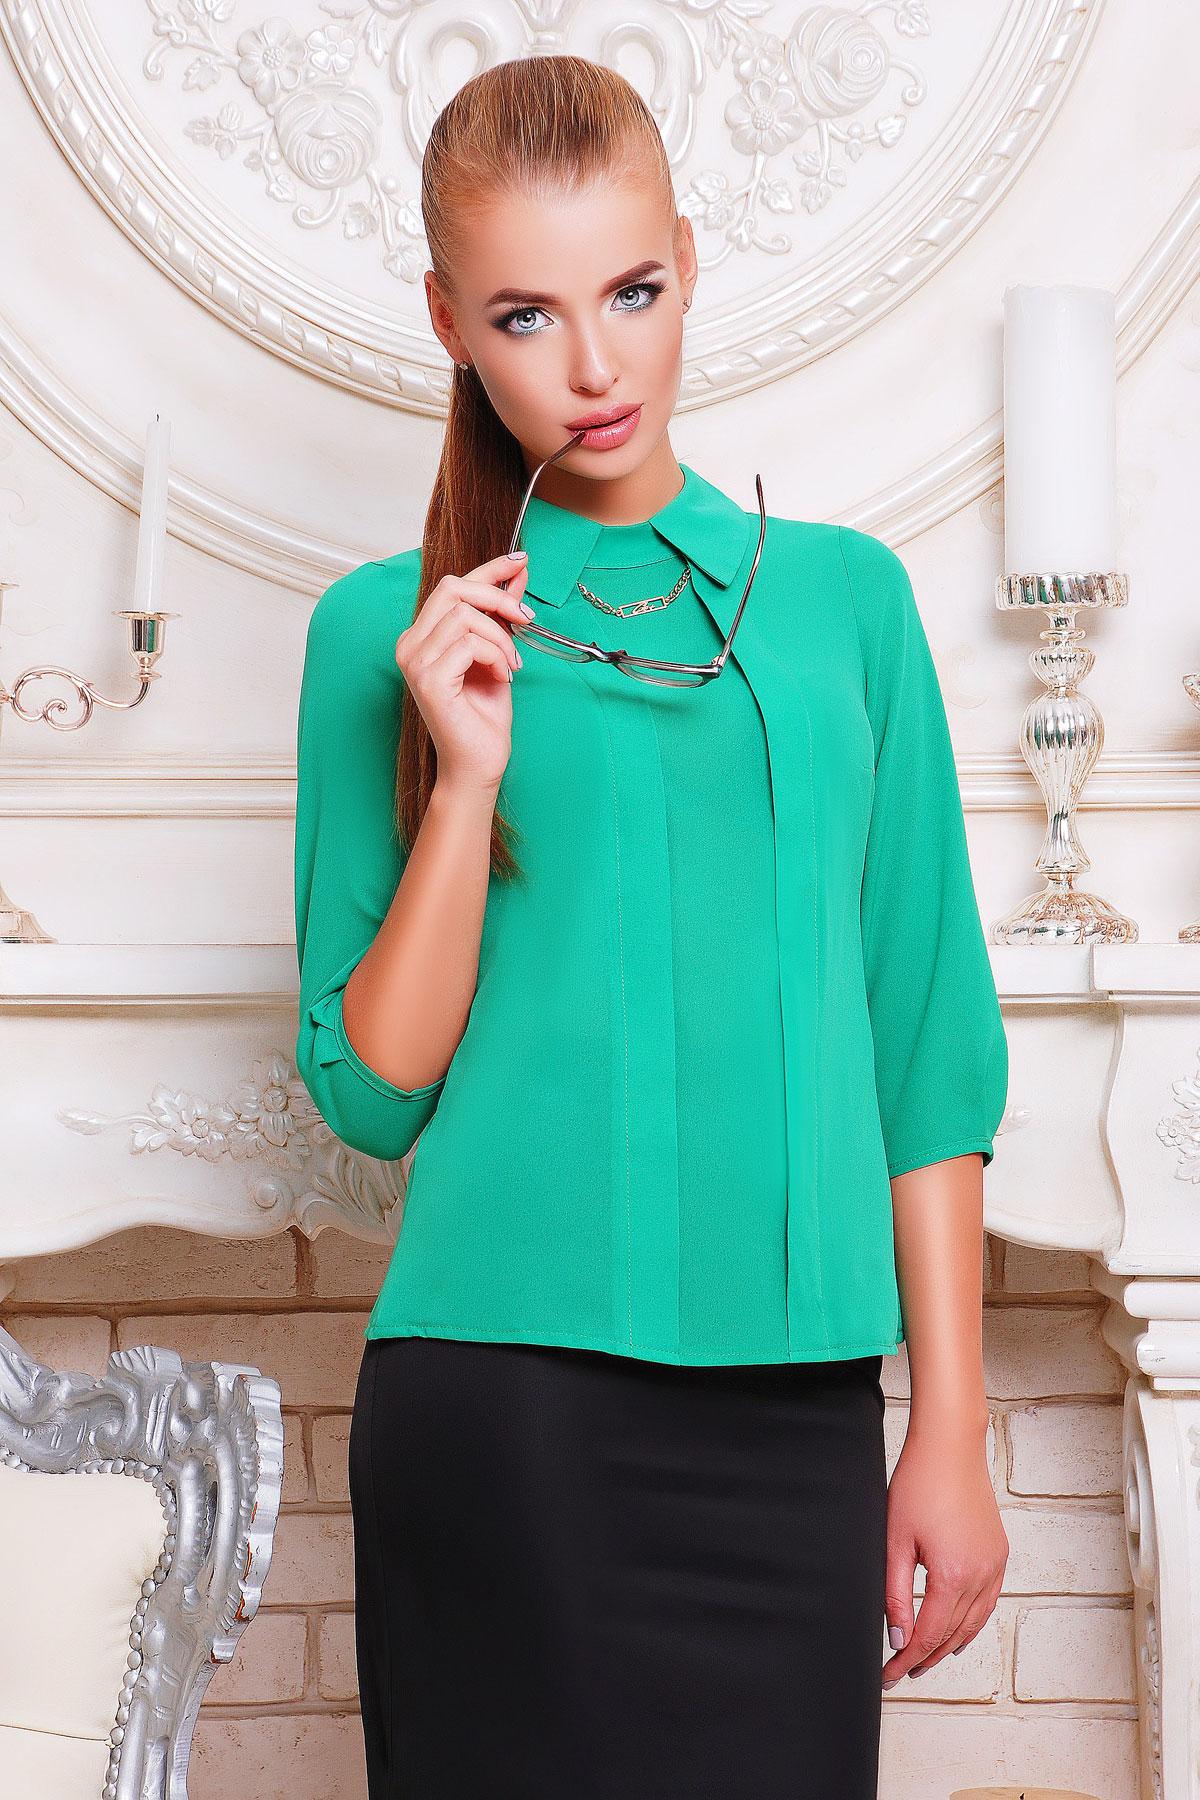 916ce36104f белая офисная блузка из шифона. блуза Келли д р. Цвет  зеленый